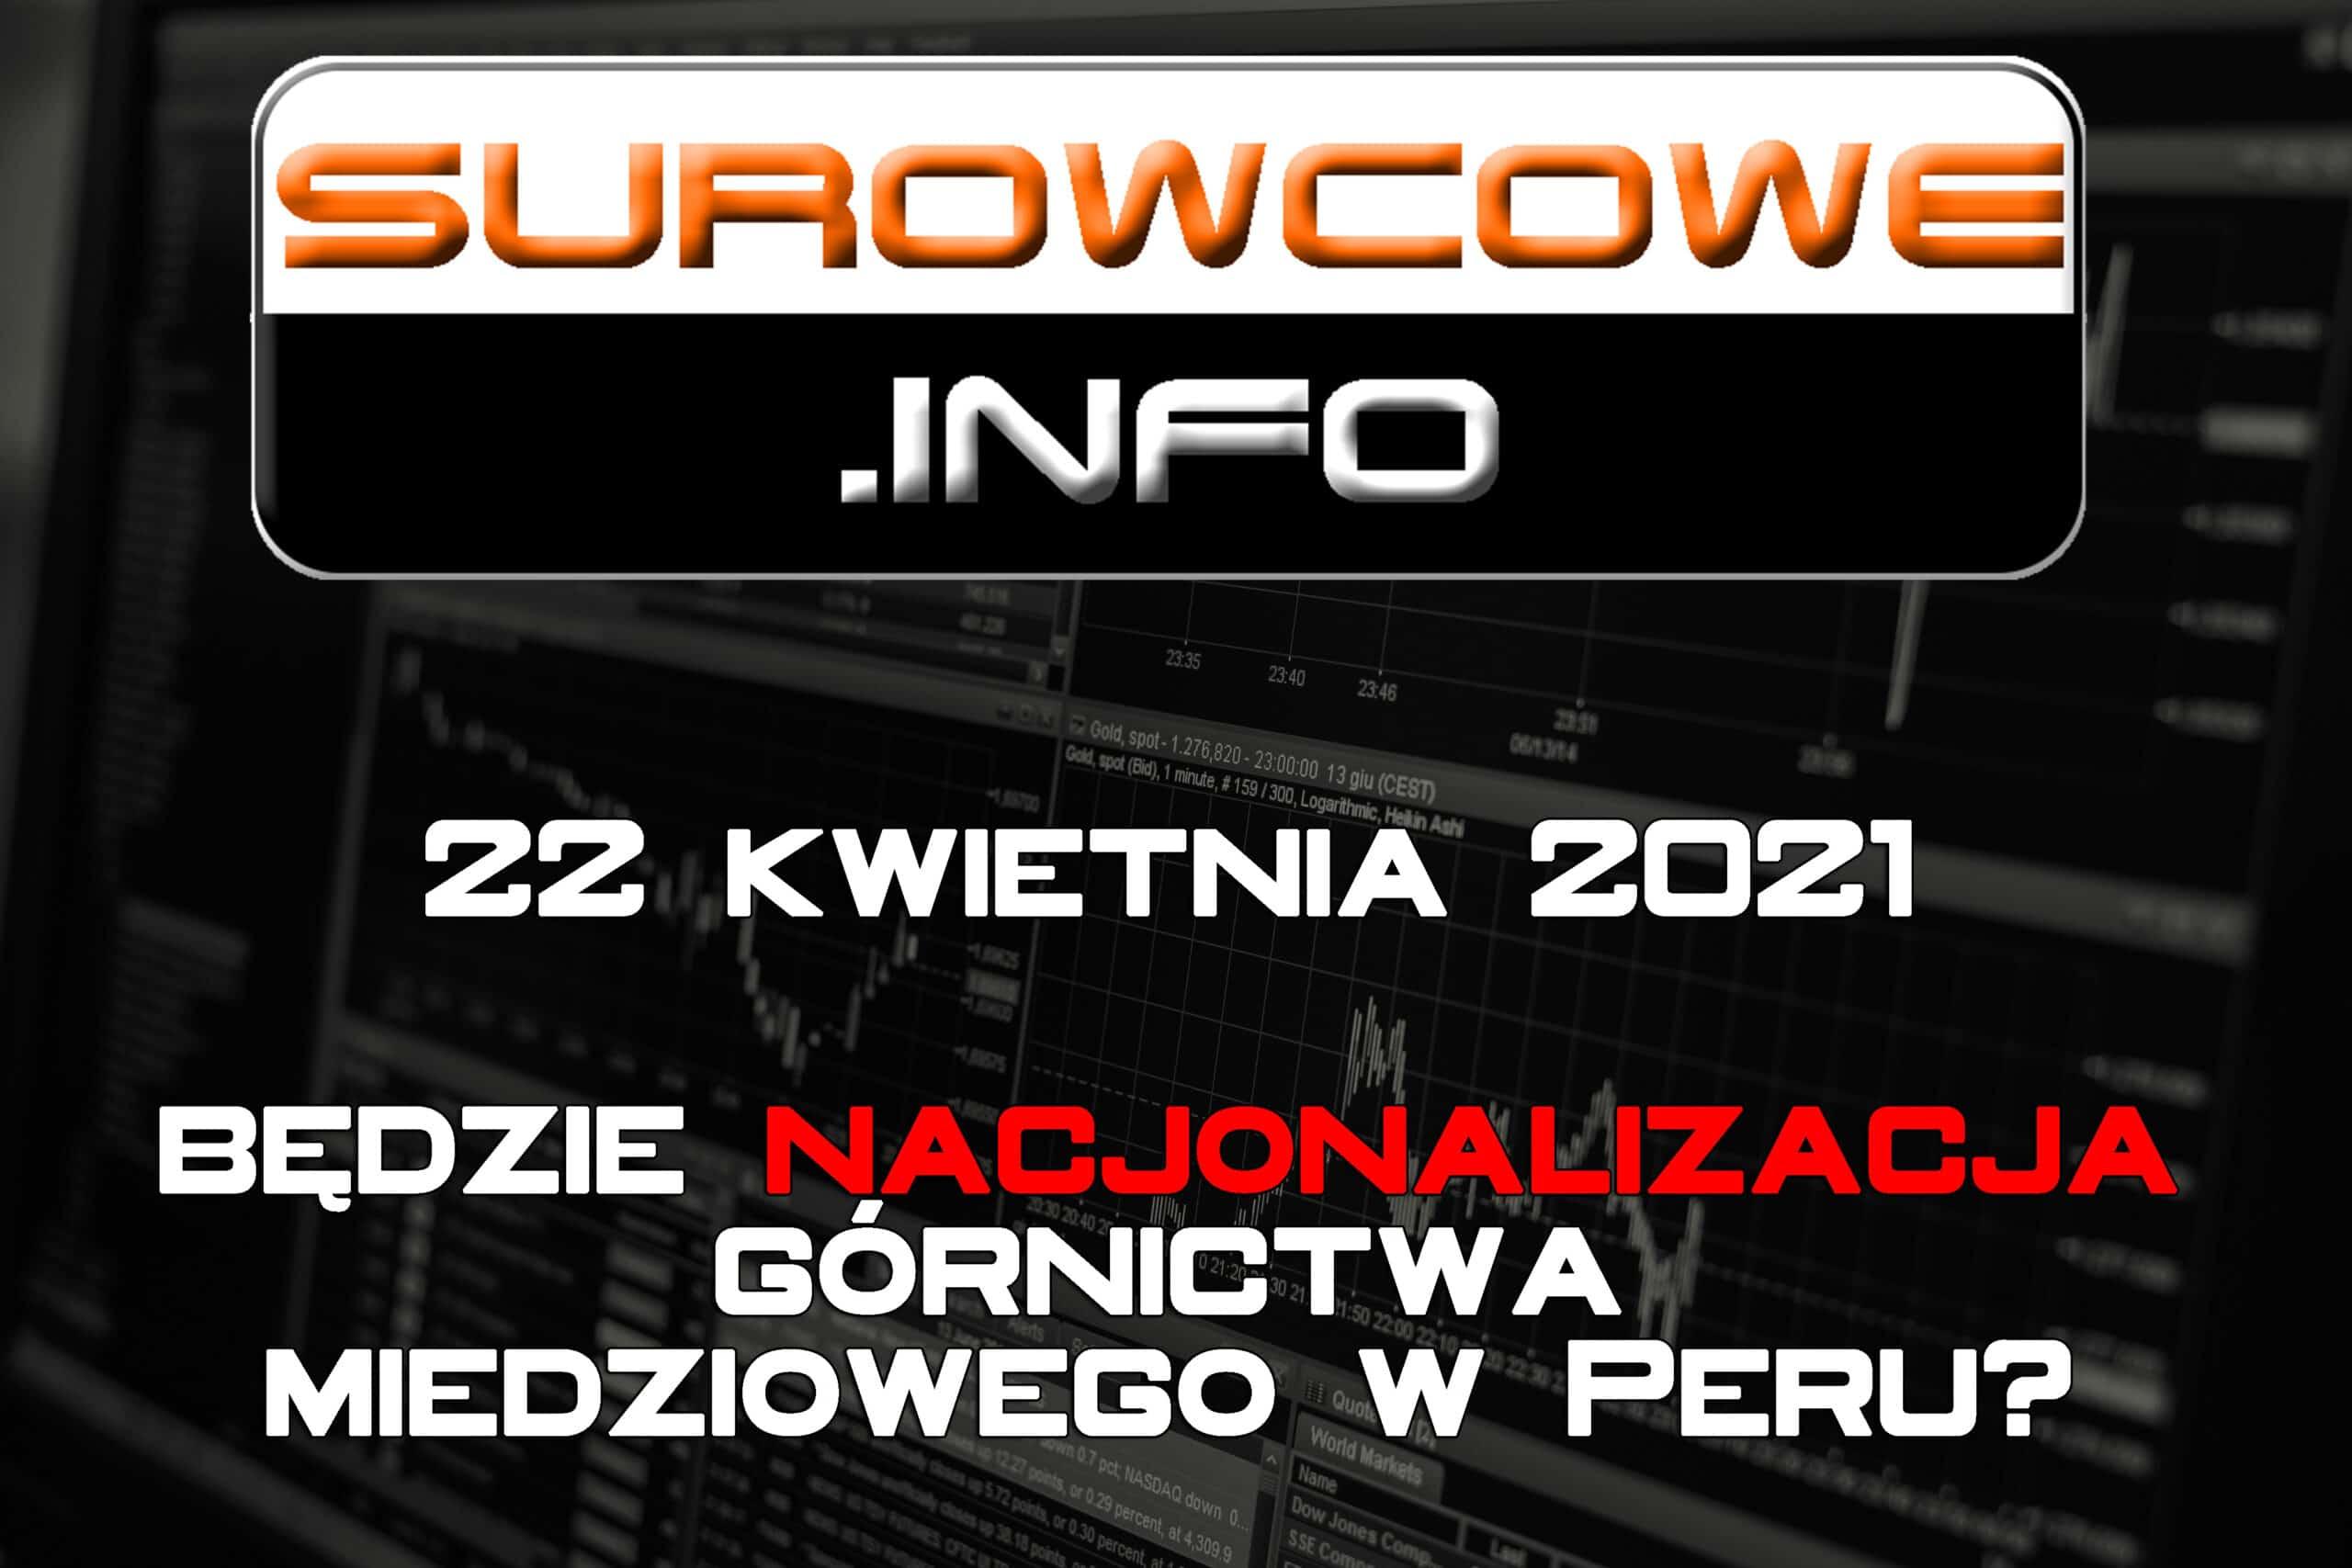 Surowcowe.info 22 kwietnia 2021